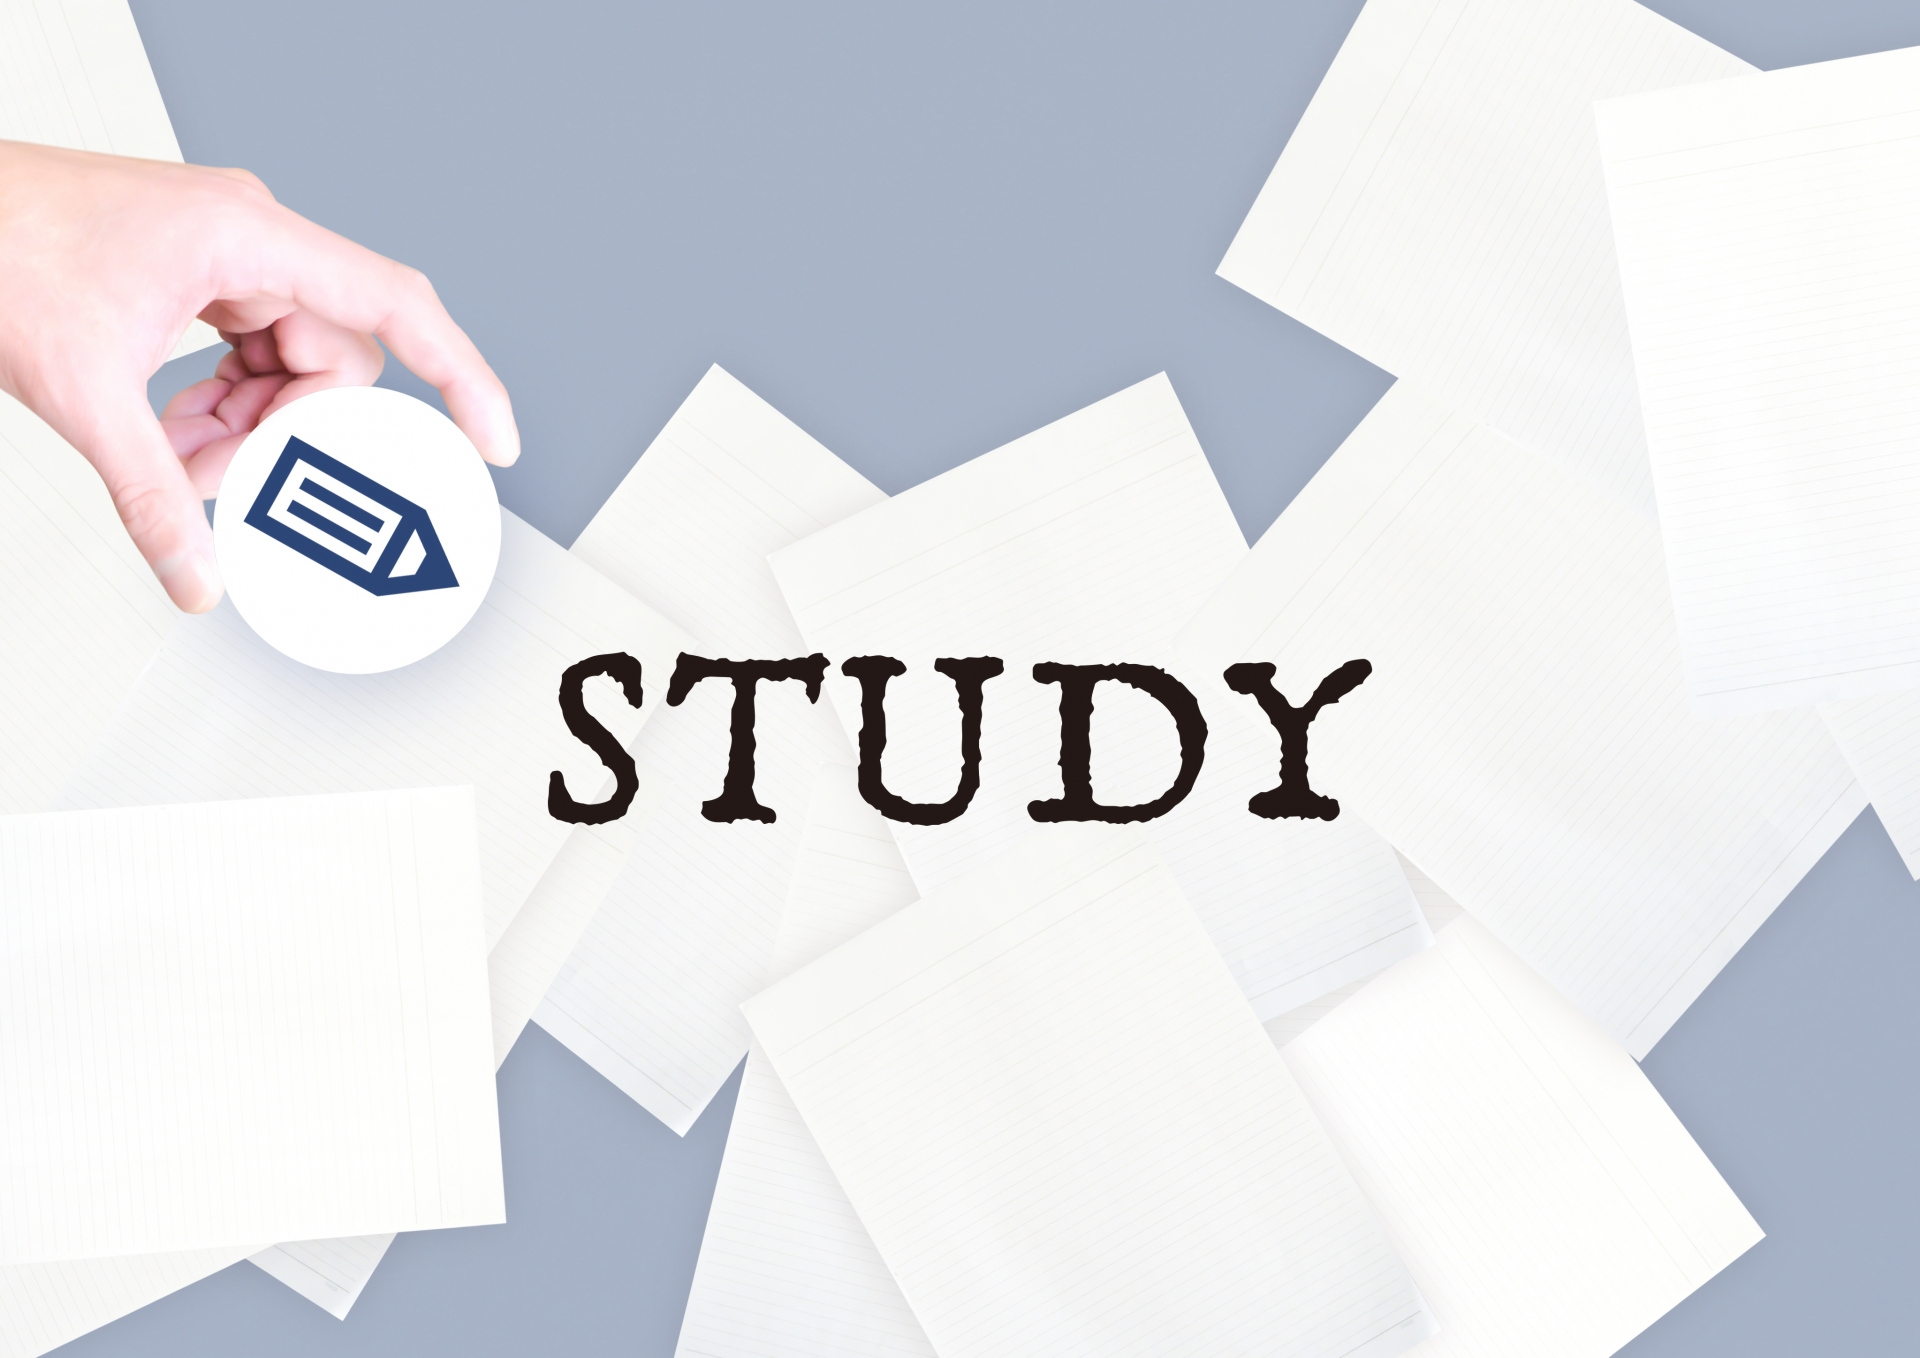 【不登校中の勉強】 塾へ通わせるタイミングと塾選びのポイントを専門家が解説します